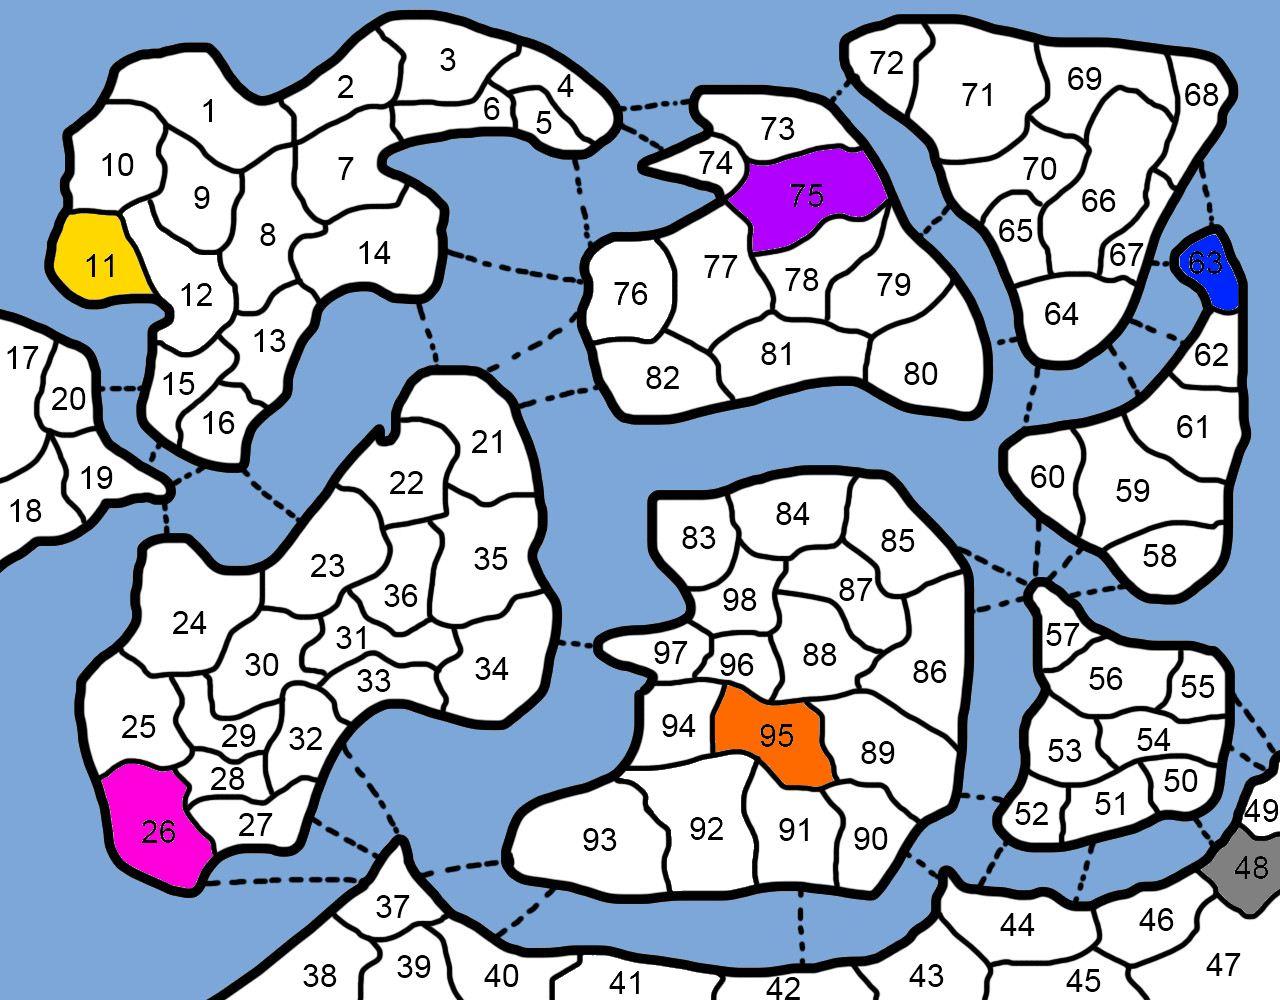 war-of-rd-map8 (1).jpg